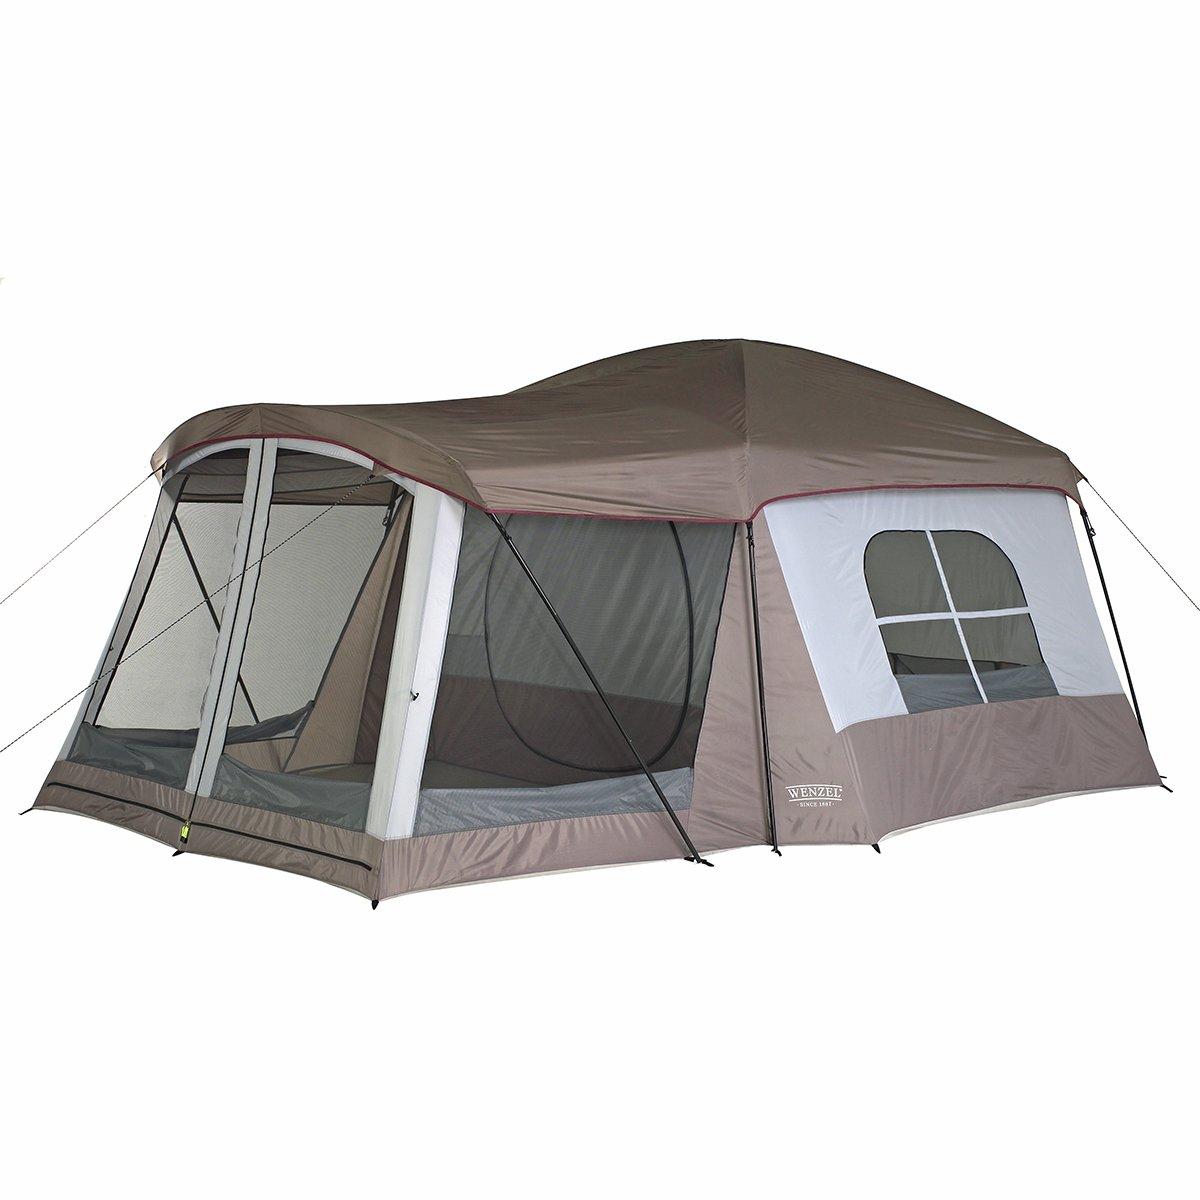 Wenzel 8 Person Klondike Tent  sc 1 st  Amazon.com & Inflatable Tent: Amazon.com